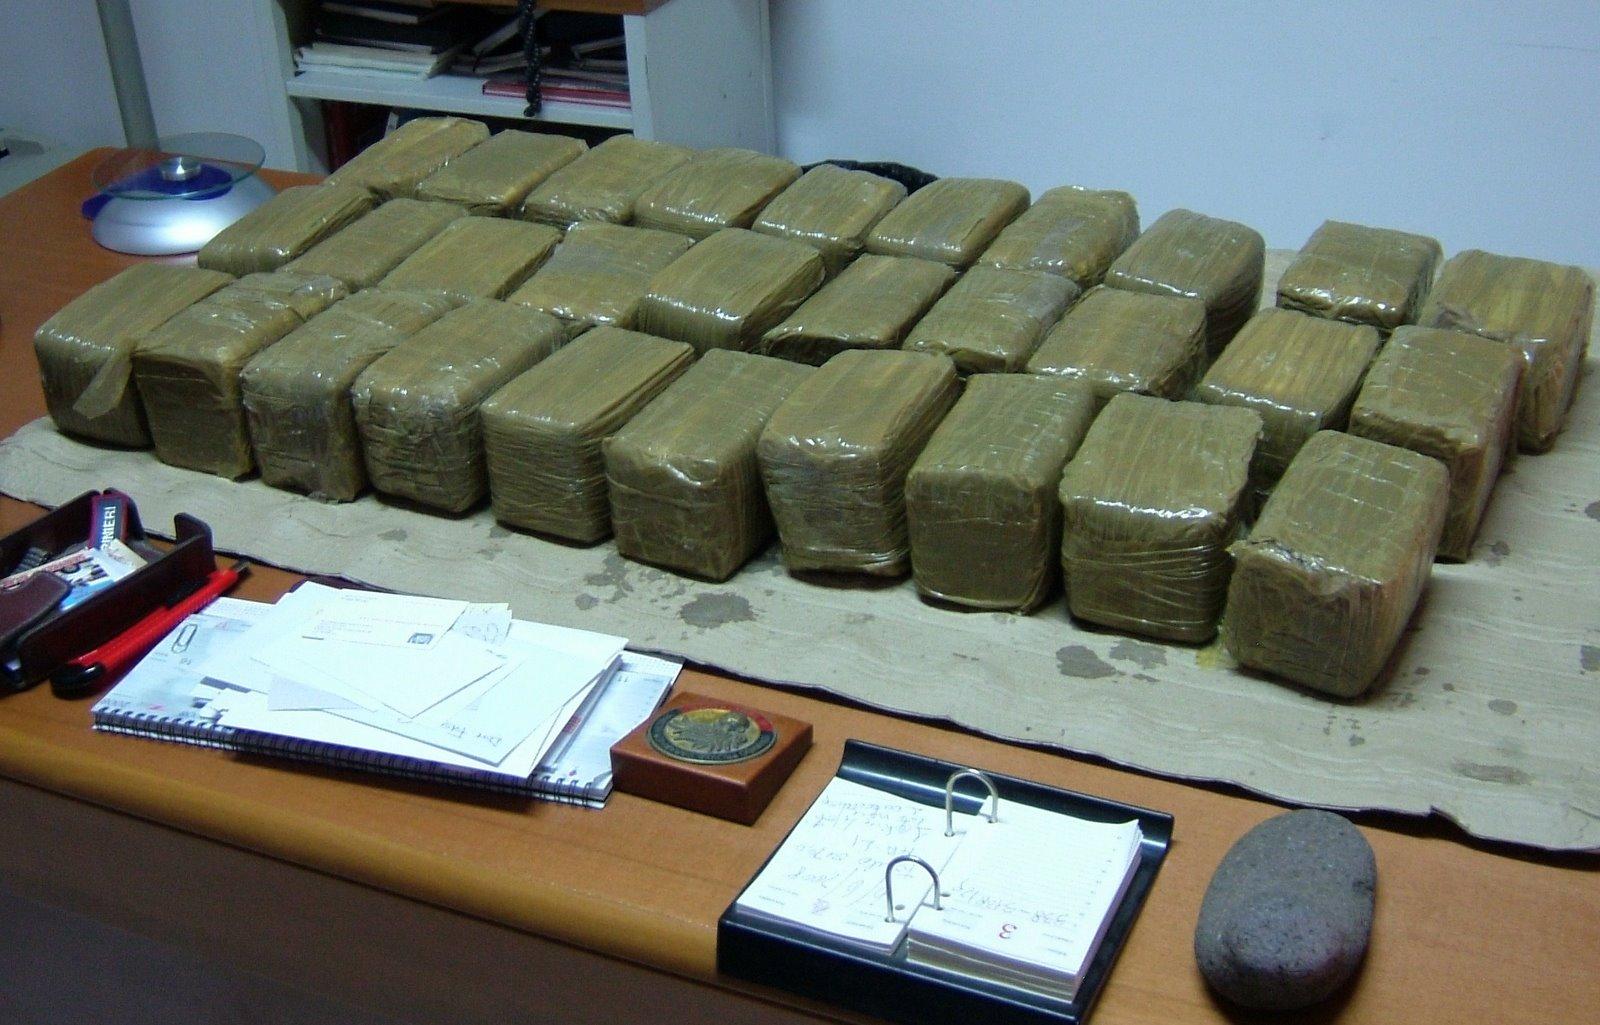 Droga dalla Spagna a Napoli, 18 arresti. Operazione Cc in inchiesta Dda. Anche latitante da tre anni